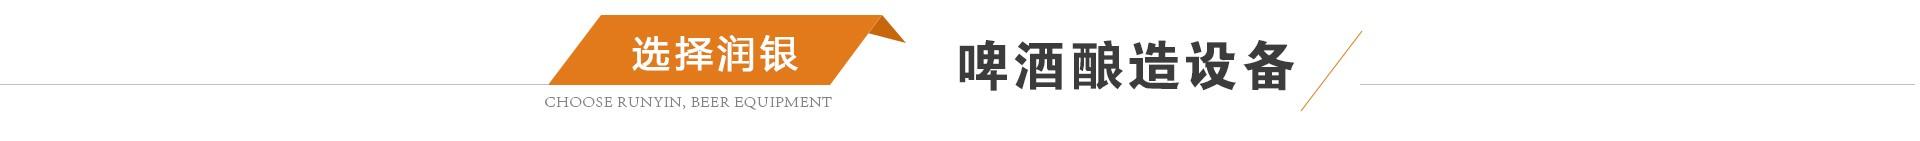 重慶市潤銀機電設備有限公司